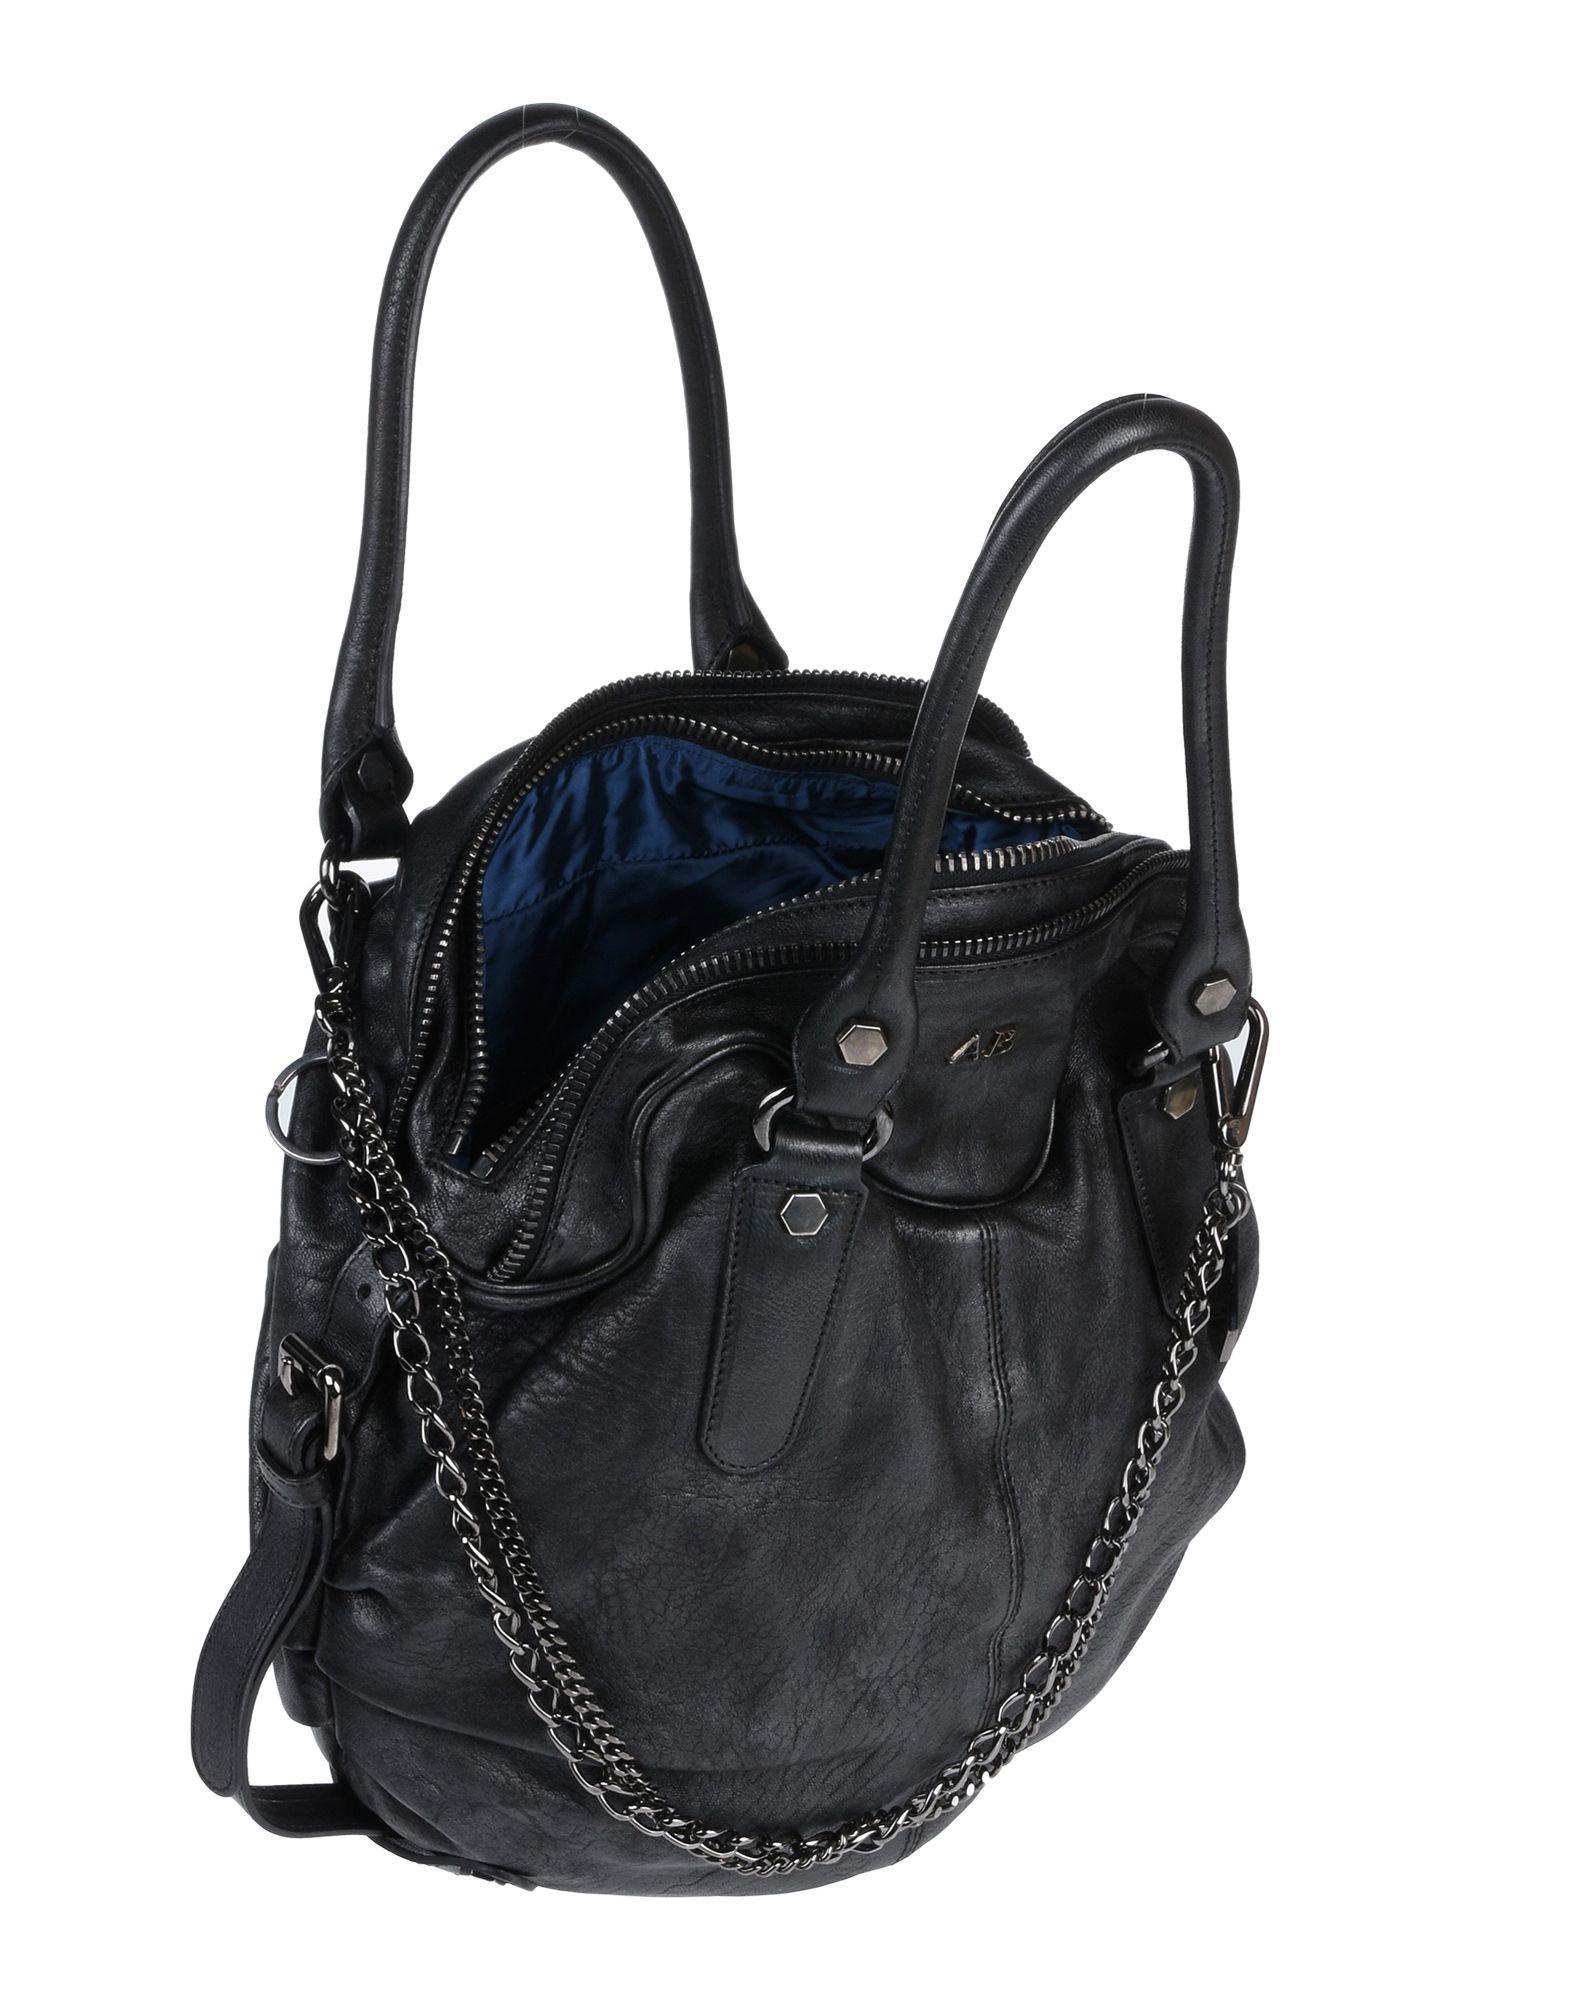 A Brand Apart Leder Handtaschen in Schwarz auhJ9